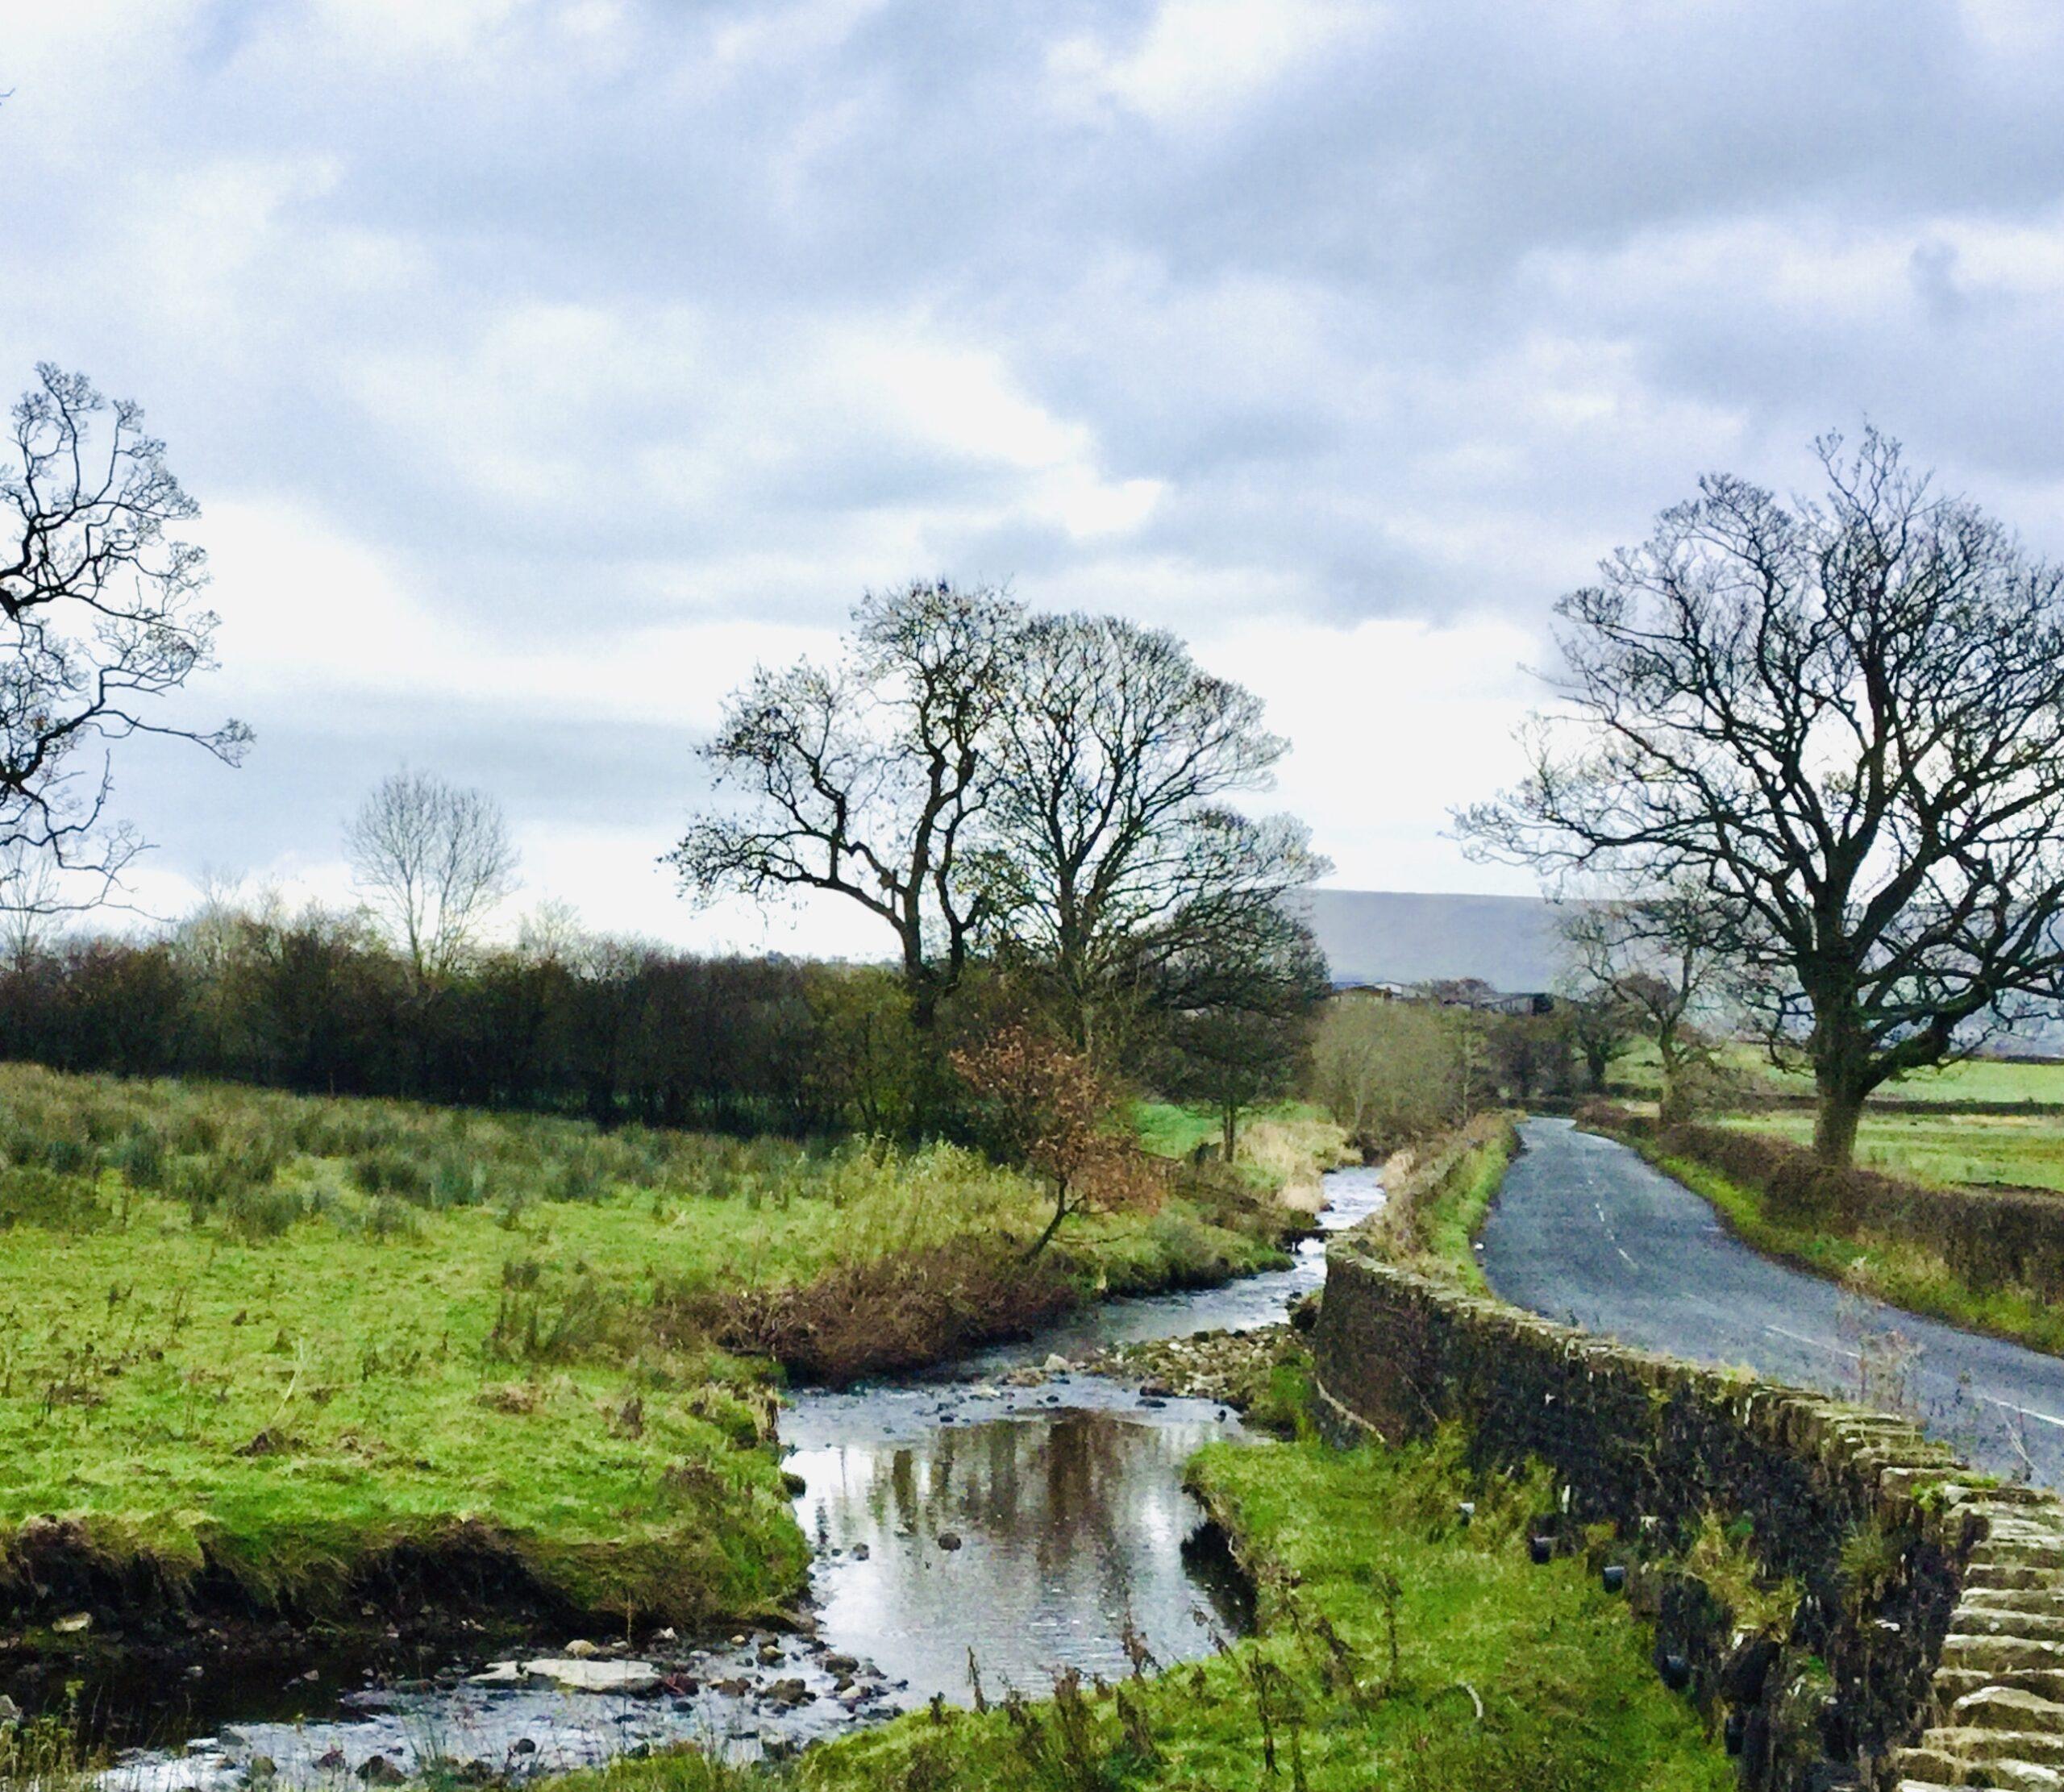 Bashall Brook